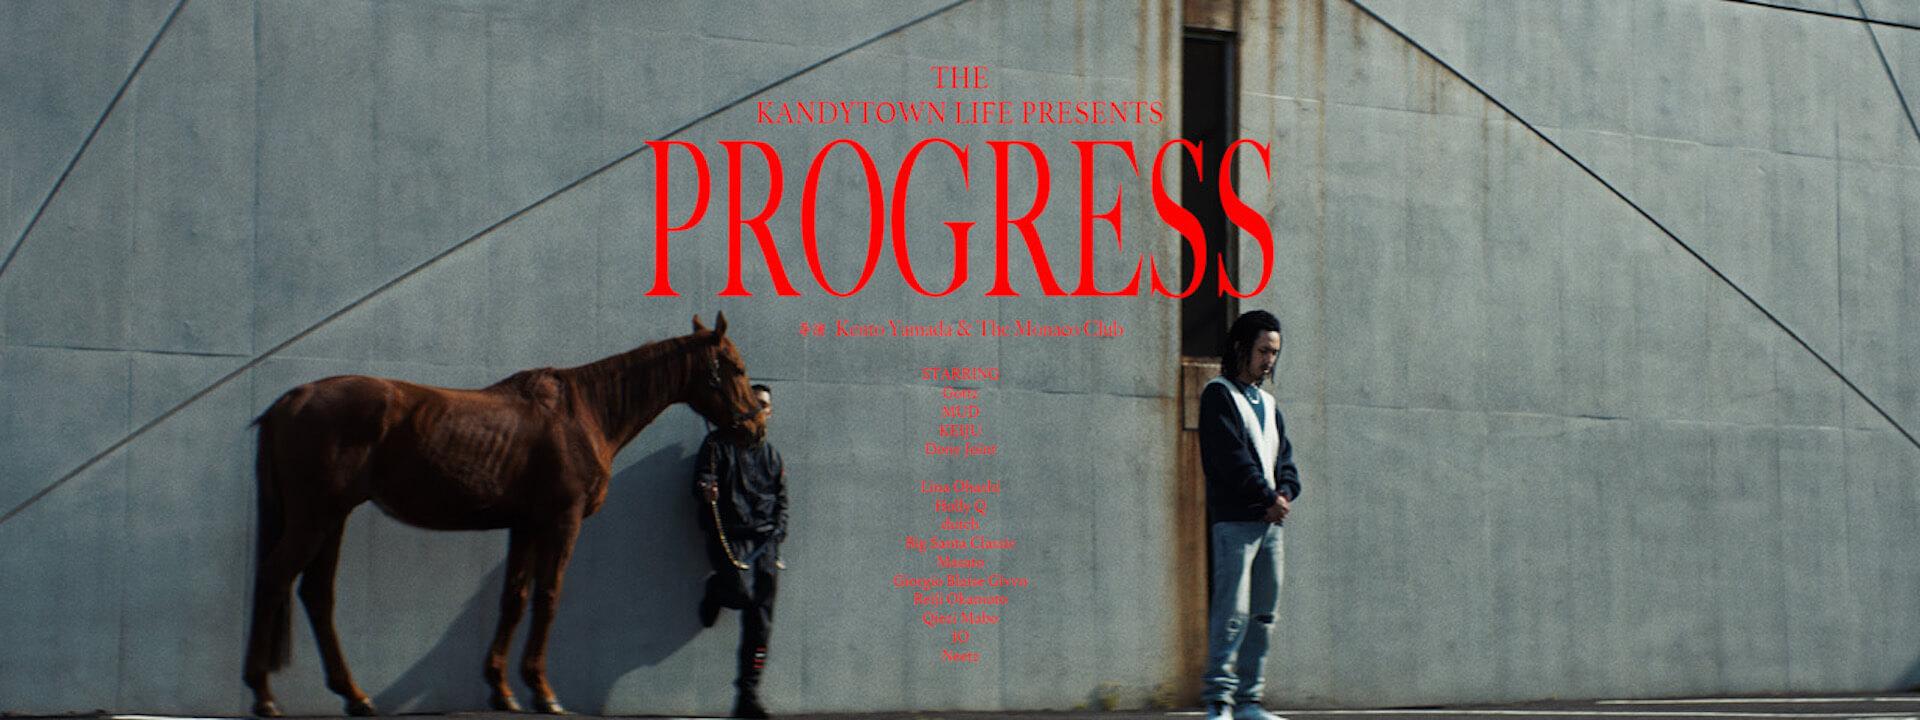 """KANDYTOWN新曲""""PROGRESS""""山田健人が手掛けるMVが公開!縁のある人々がカメオ出演 music200331_progressmv_09"""